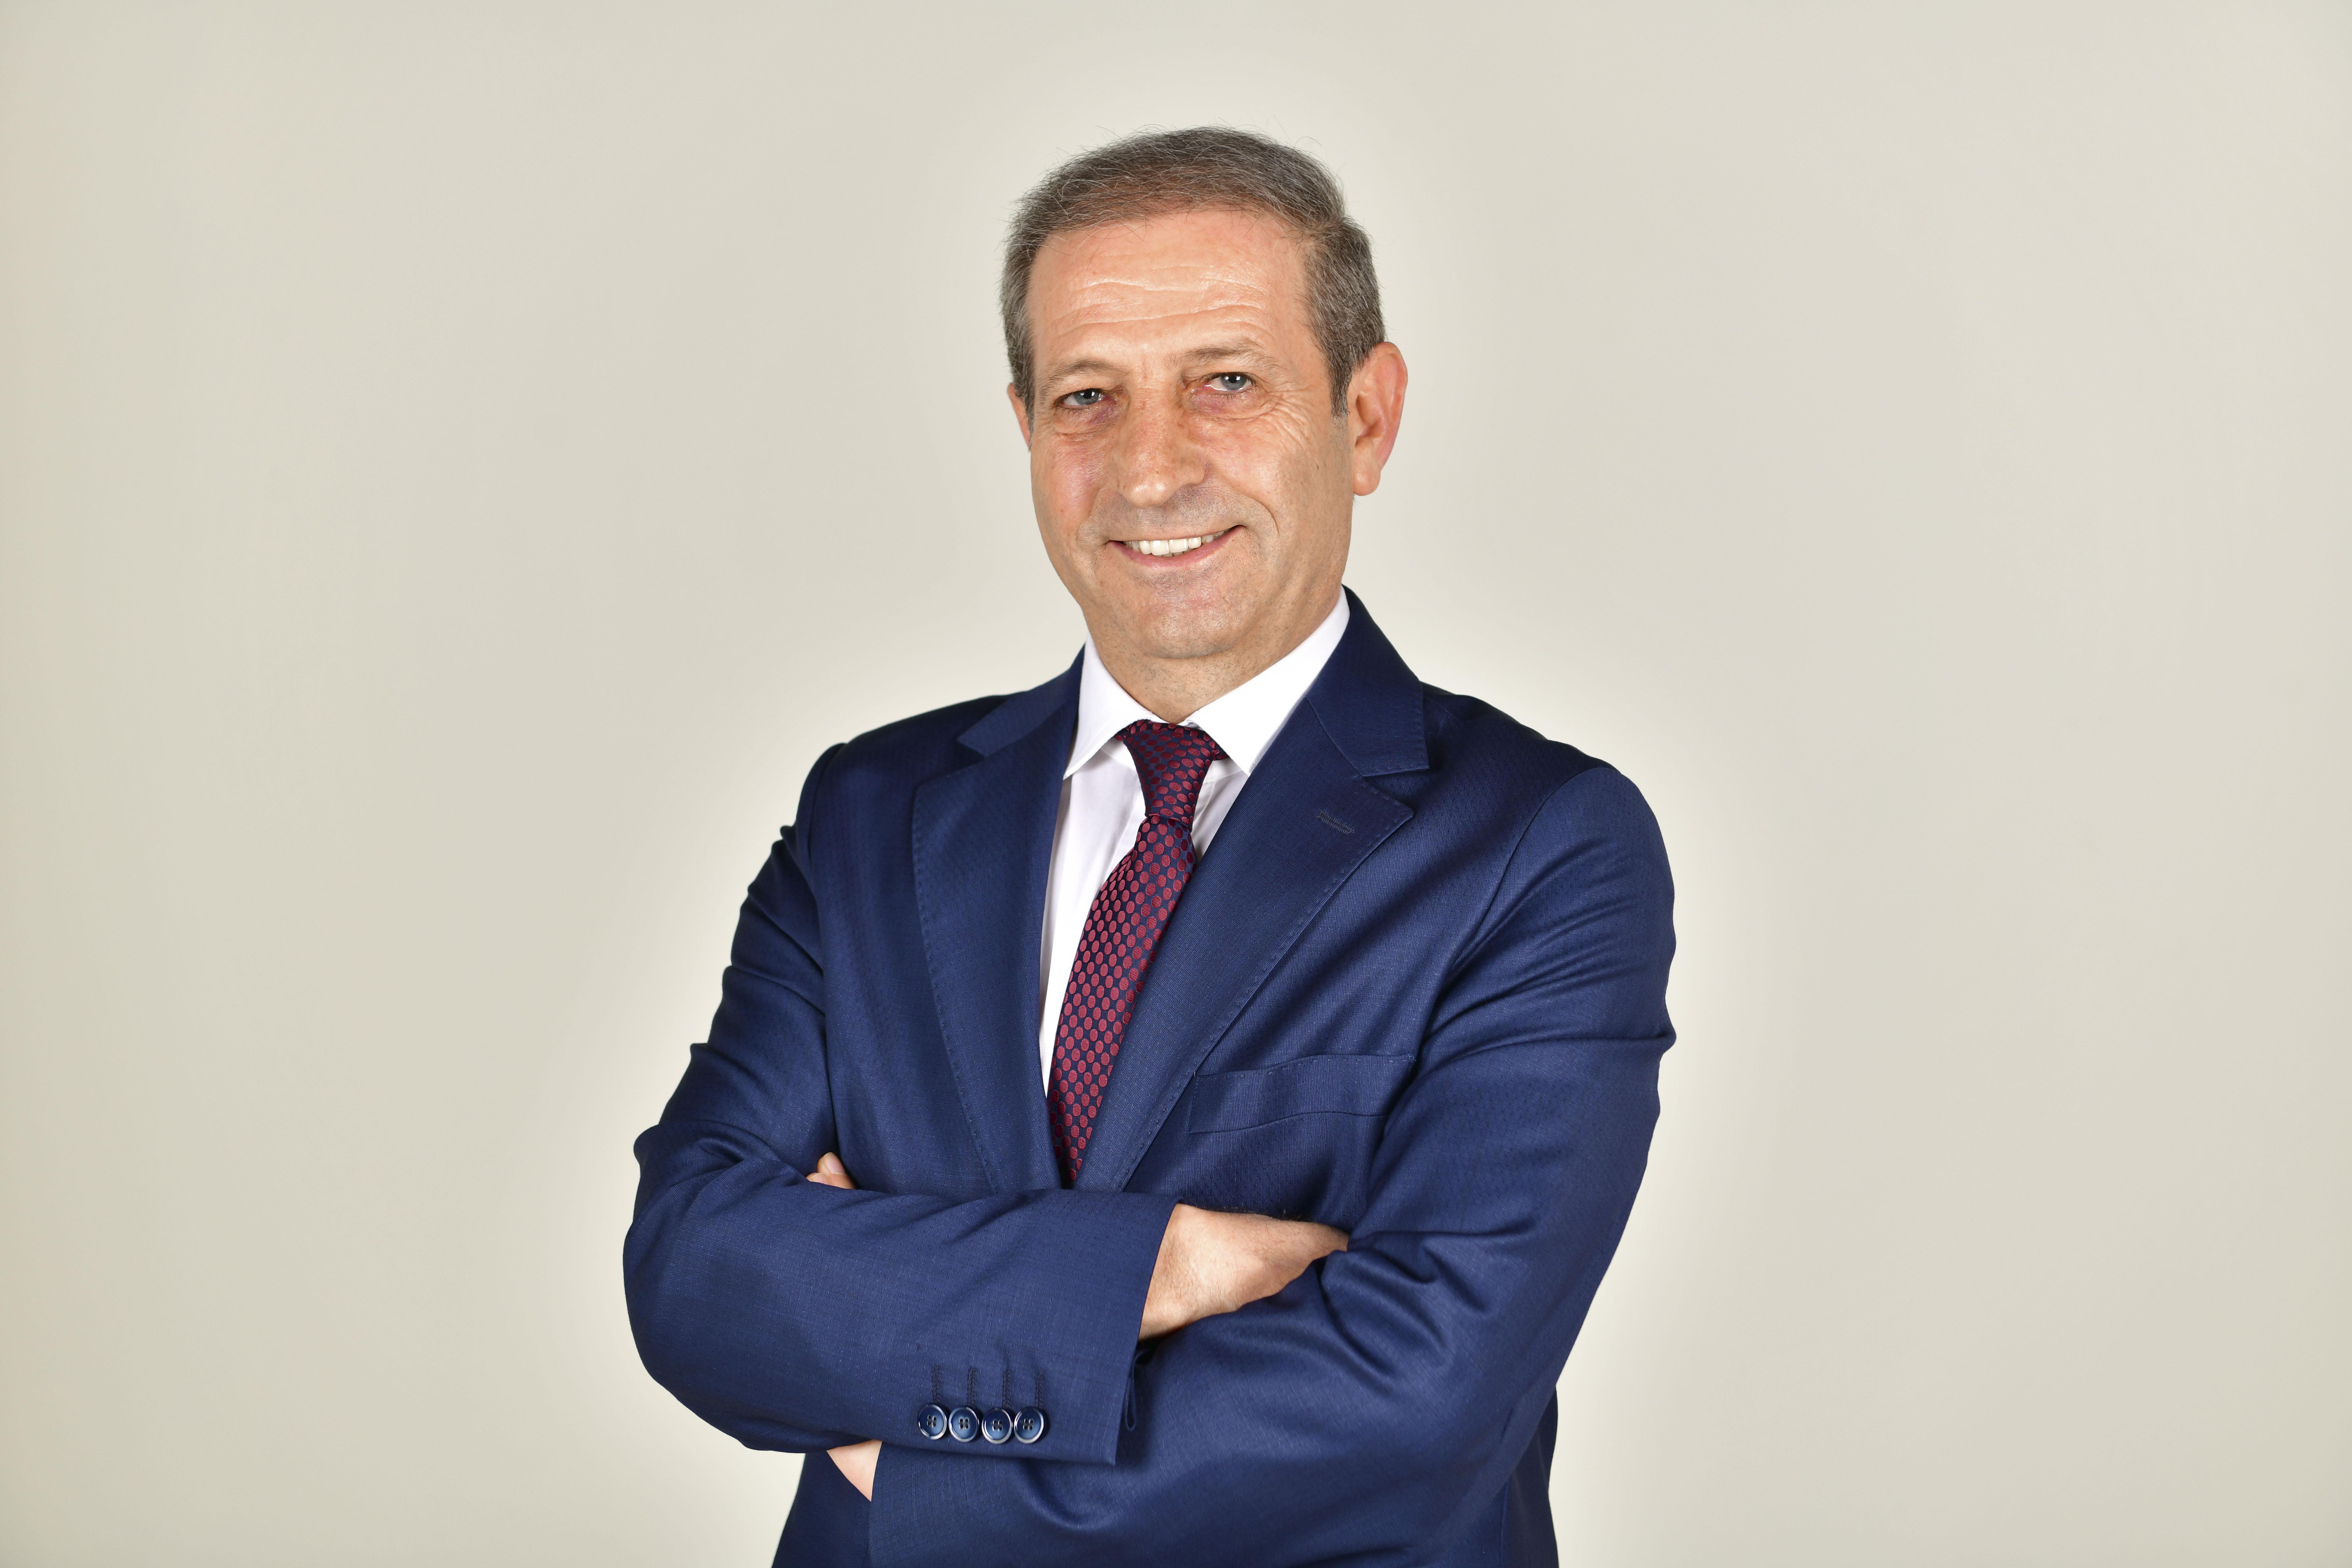 İstanbul Kültür Üniversitesi – Pandemi, Eğitimde Dijital Dönüşümü Hızlandıracak